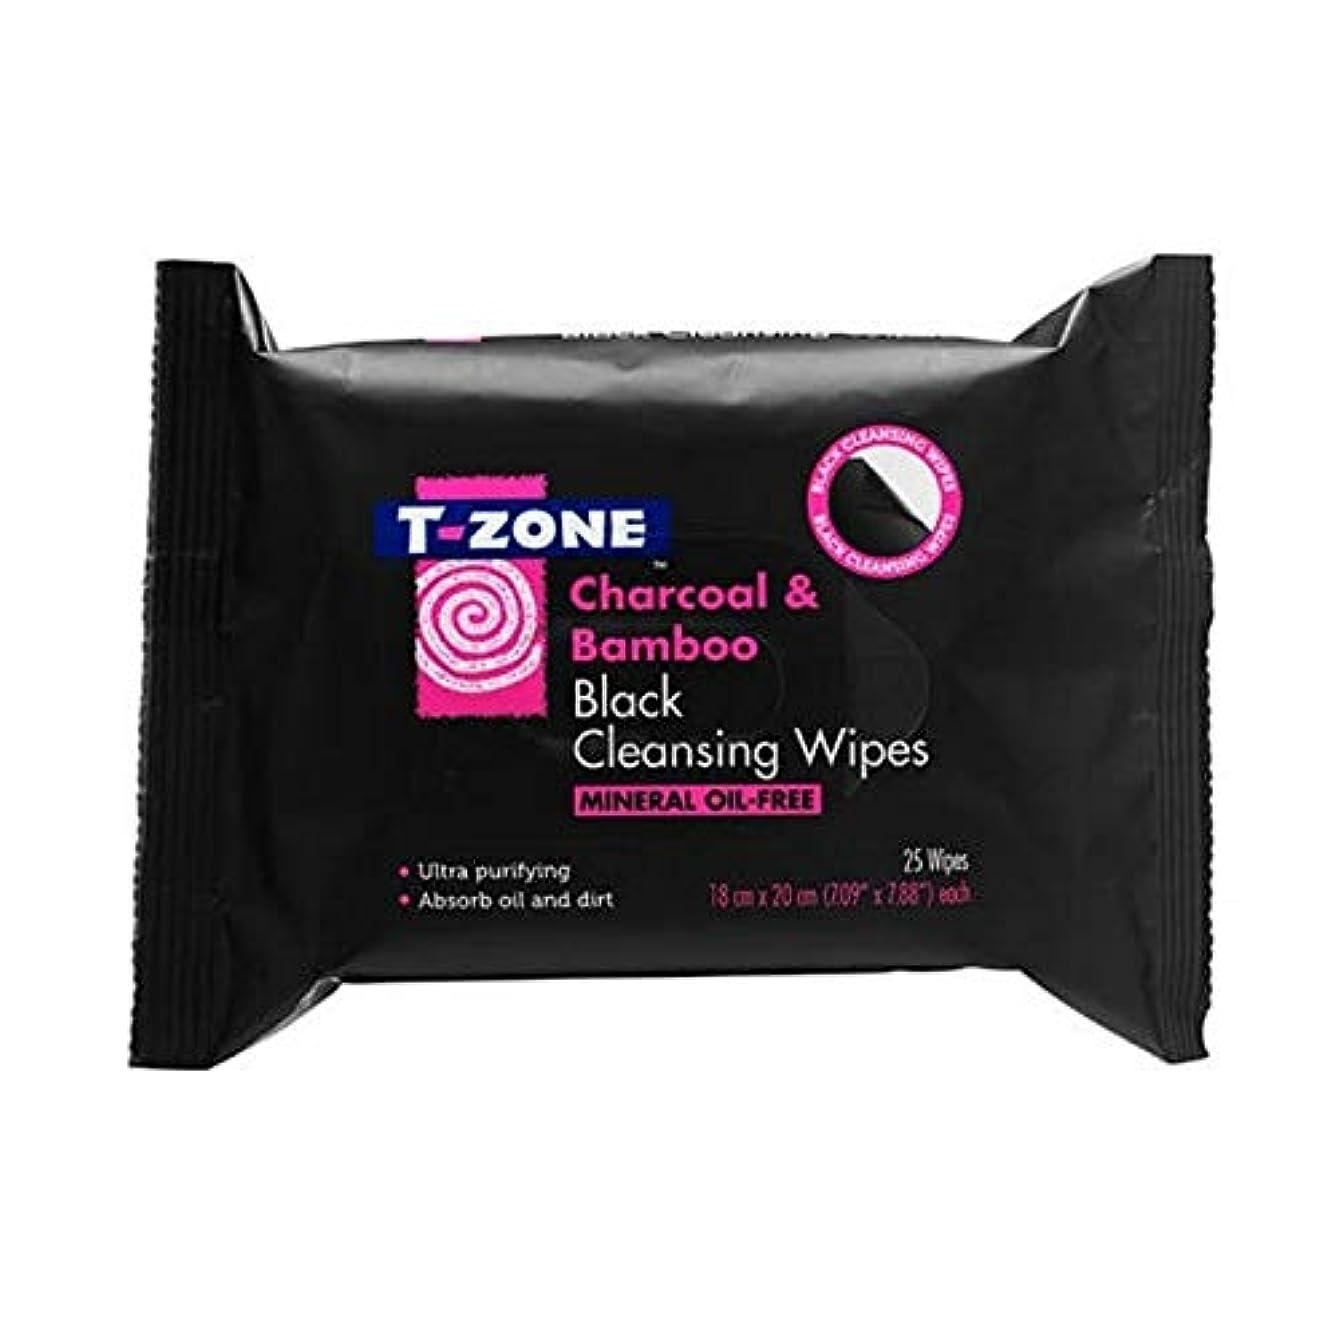 好戦的な夫婦職業[T-zone] Tゾーン木炭&竹ブラッククレンジング25Sを払拭します - T-Zone Charcoal & Bamboo Black Cleansing Wipes 25s [並行輸入品]